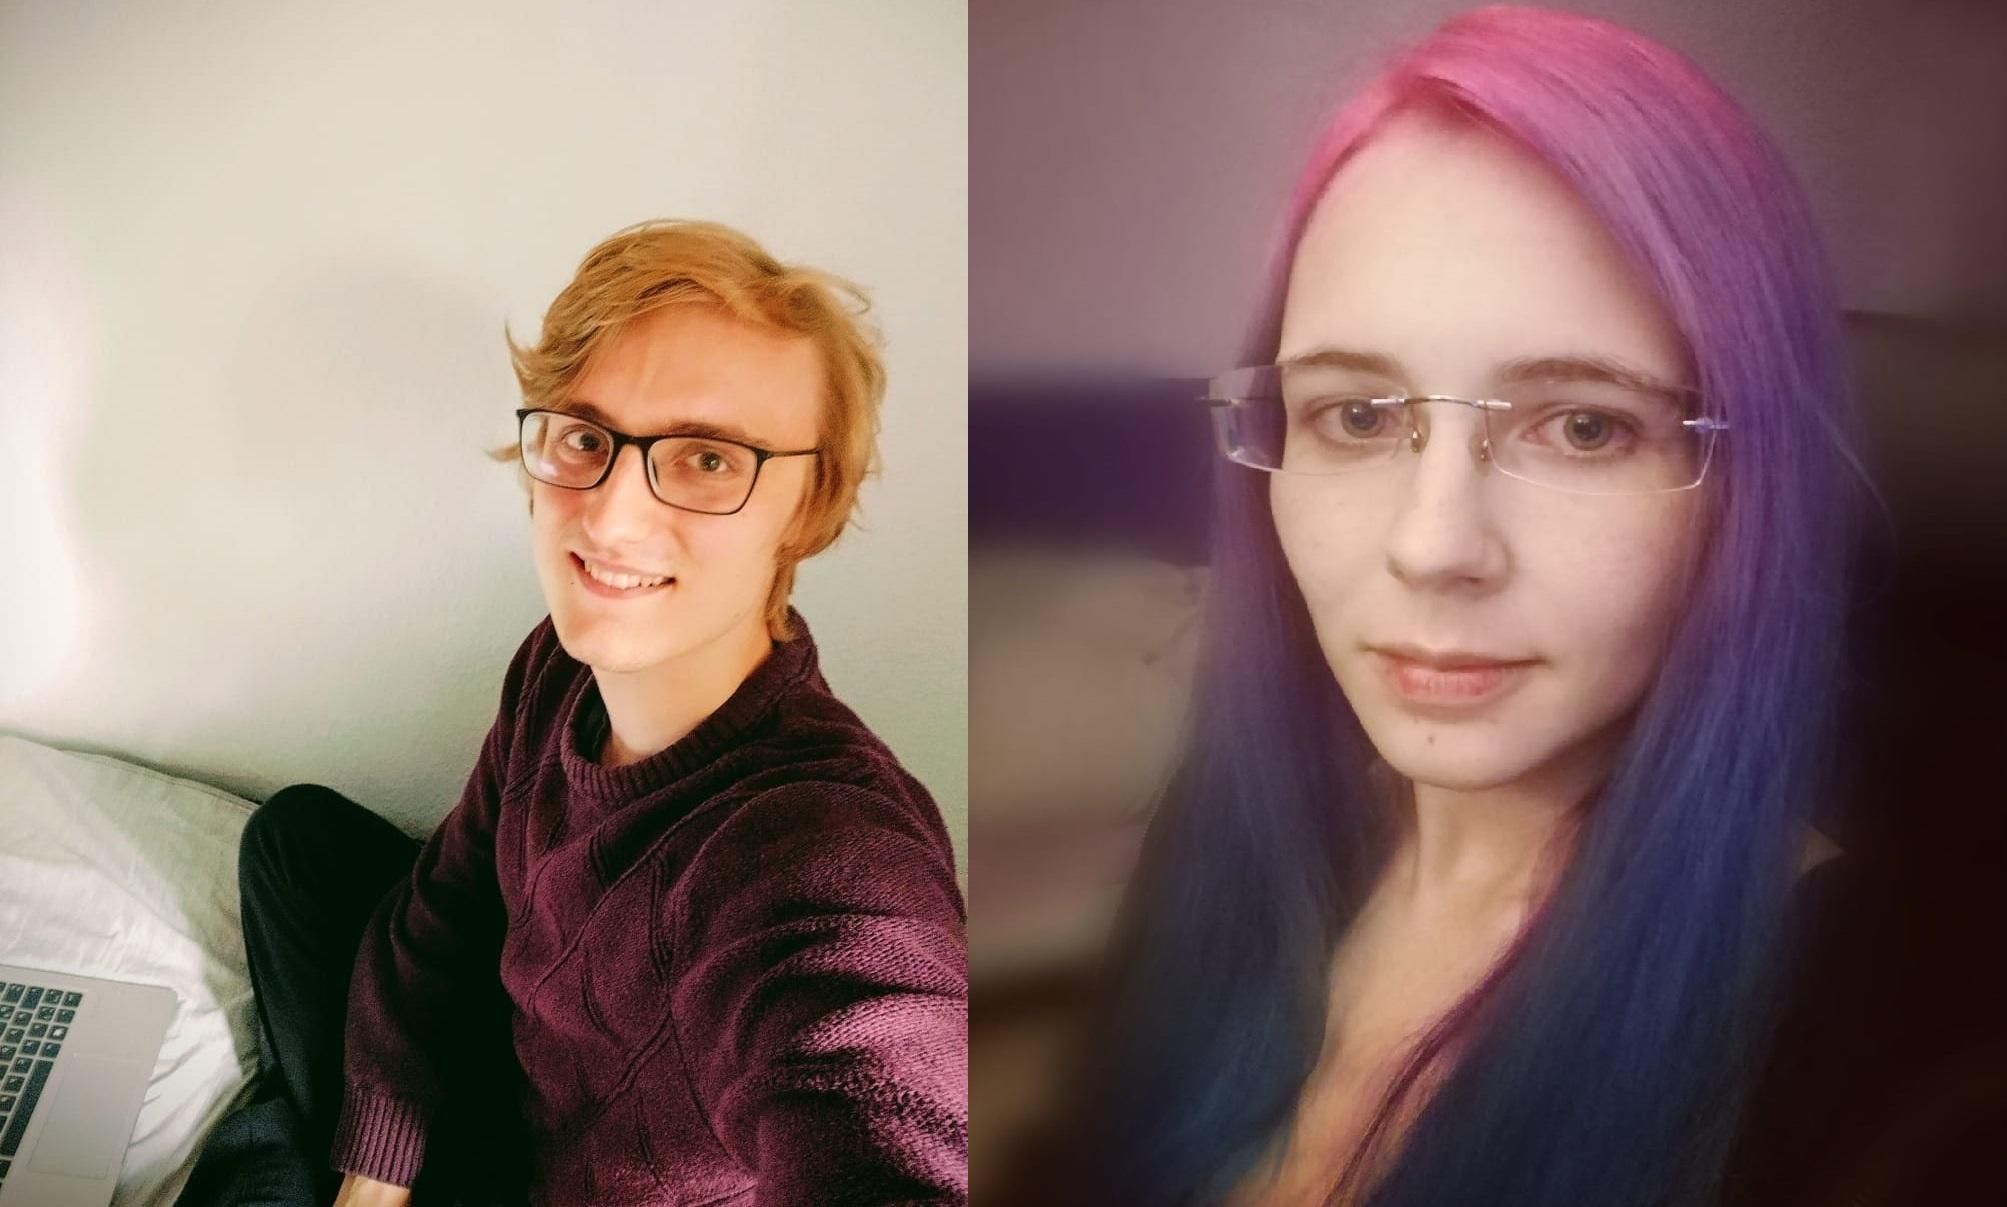 Ein junger blonder Mann und eine pinkhaarige junge Frau mit Brille